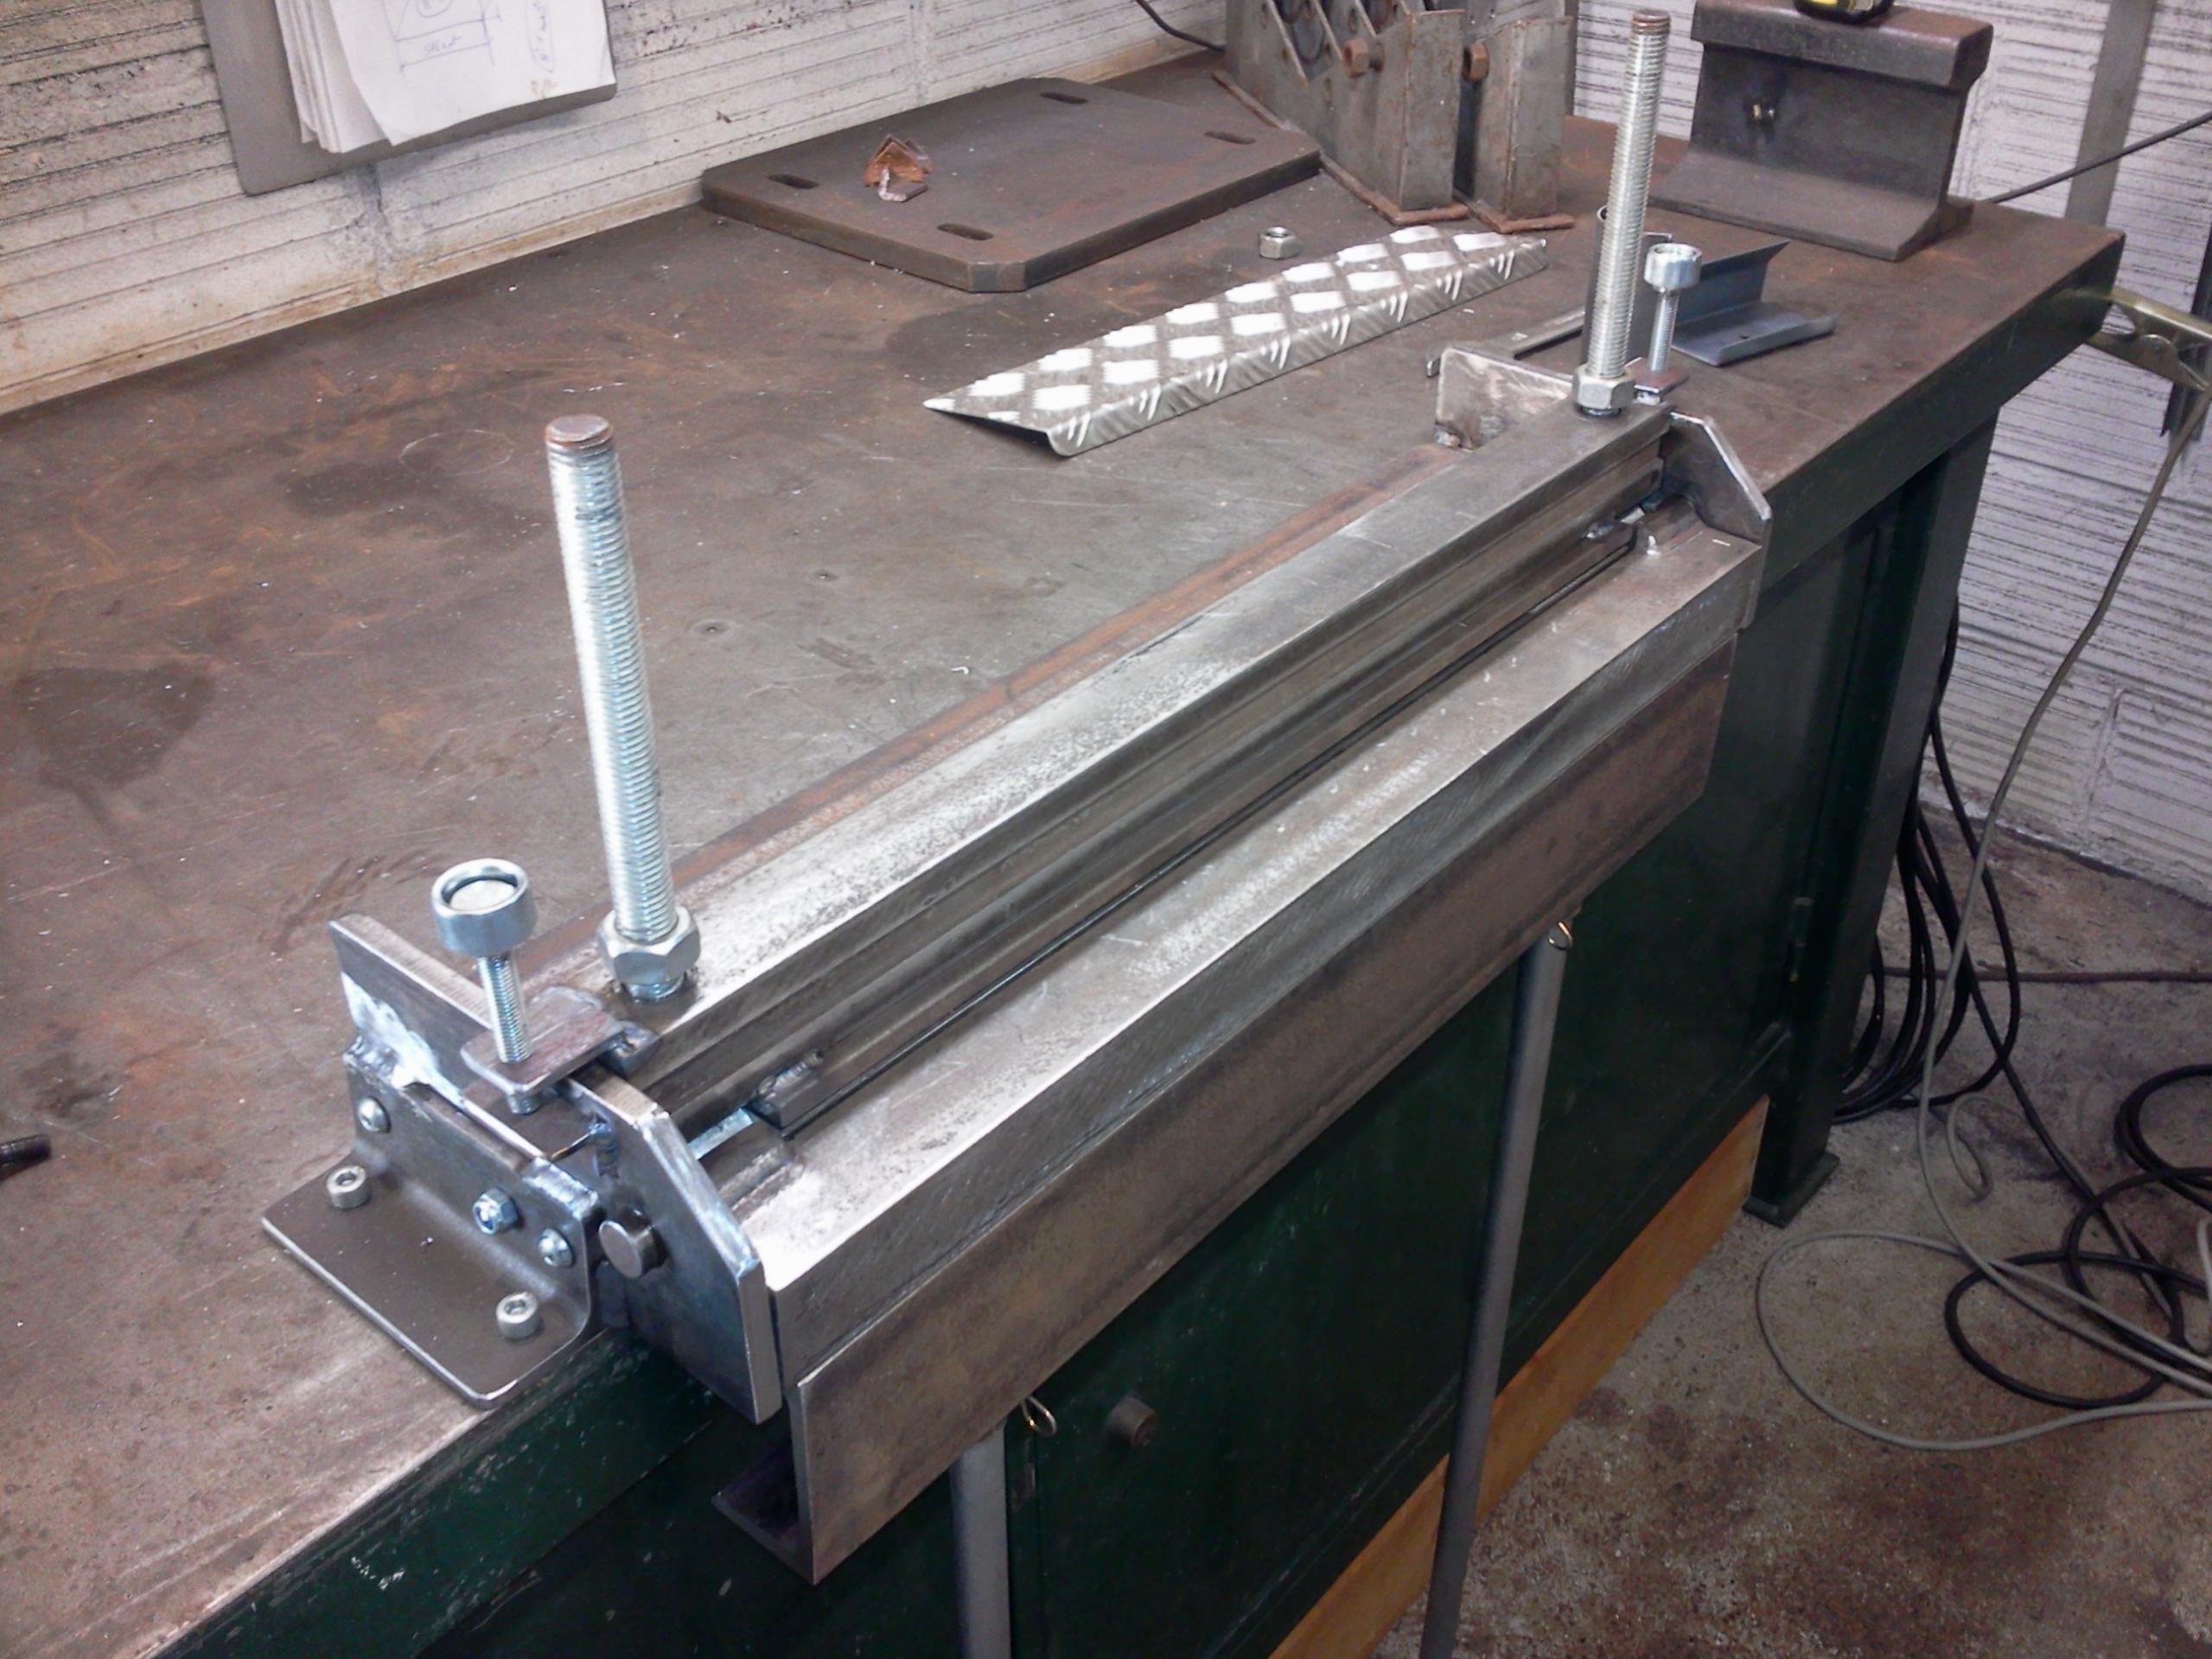 Www Homemadetools Net Forum Attachments Sheet M C3 A9tal Bender Photo1087 Jpg 12687d1469723239 Metal Bender Sheet Metal Bender Metal Fabrication Tools